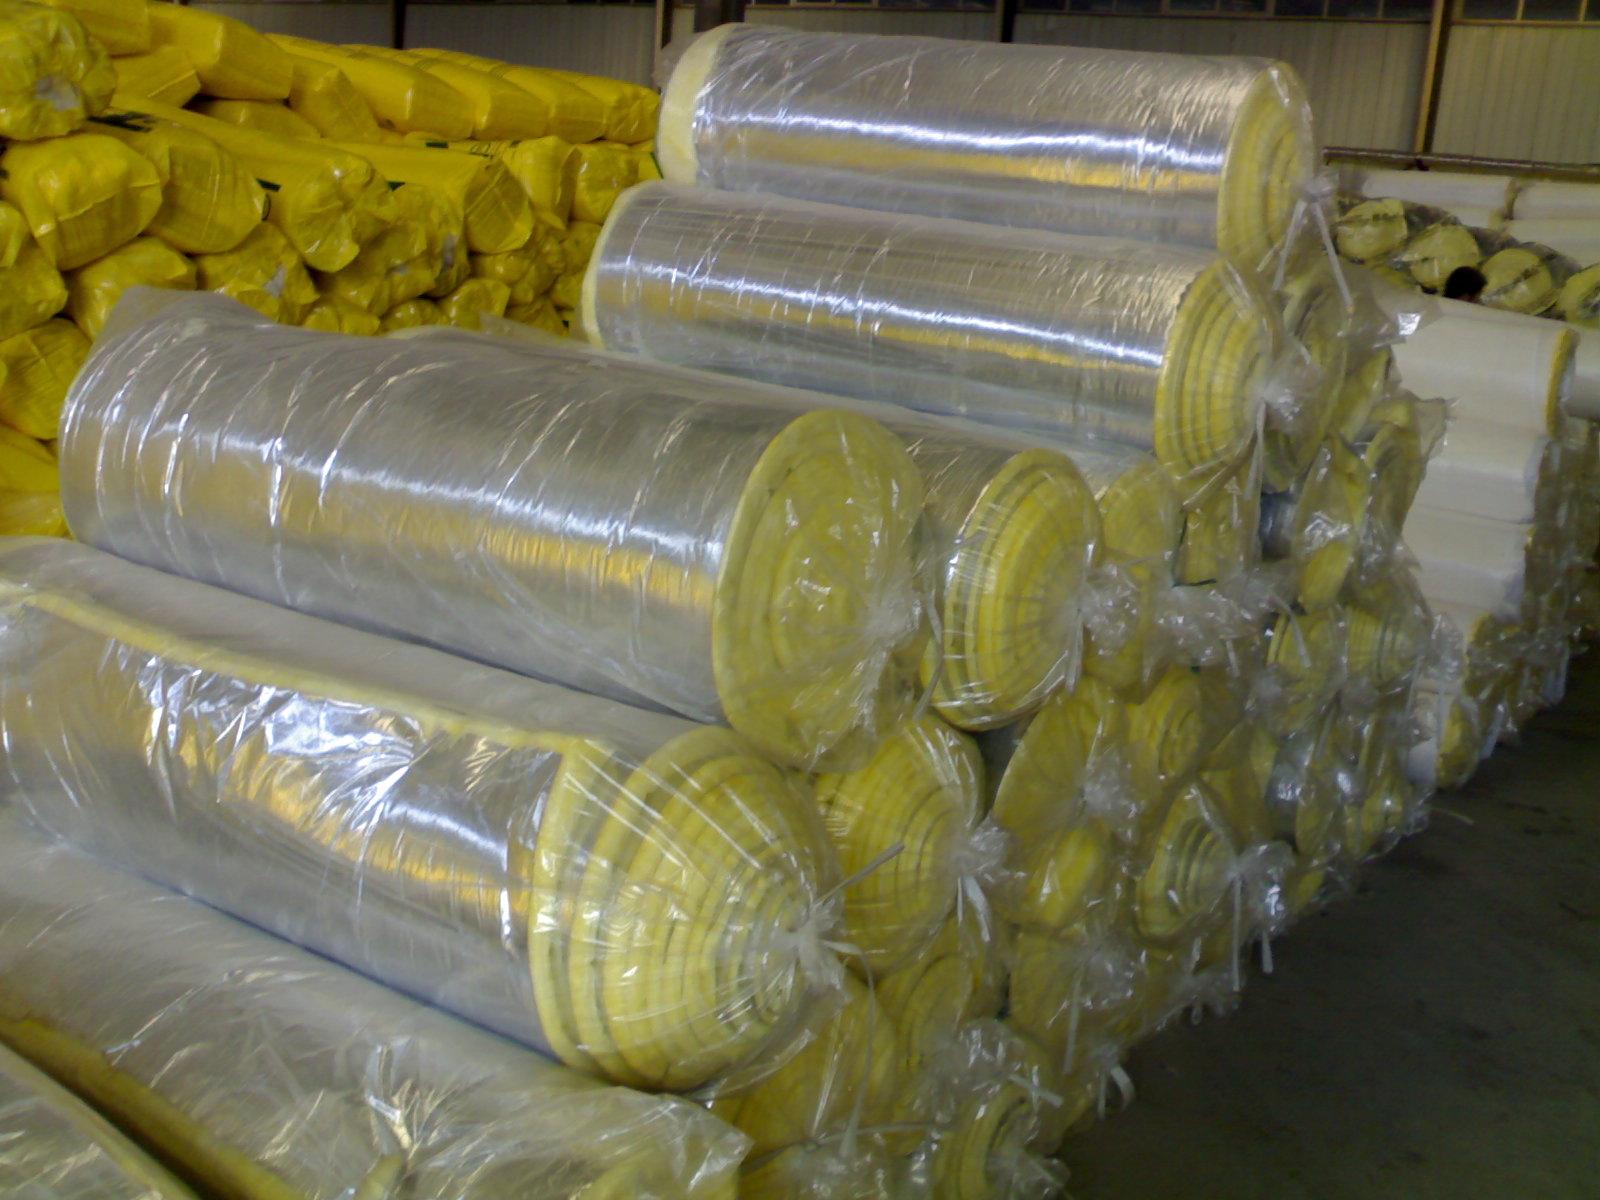 供应保温吸音玻璃丝棉毡武汉玻璃丝棉毡湖北玻璃丝棉毡彩钢用玻璃丝棉毡